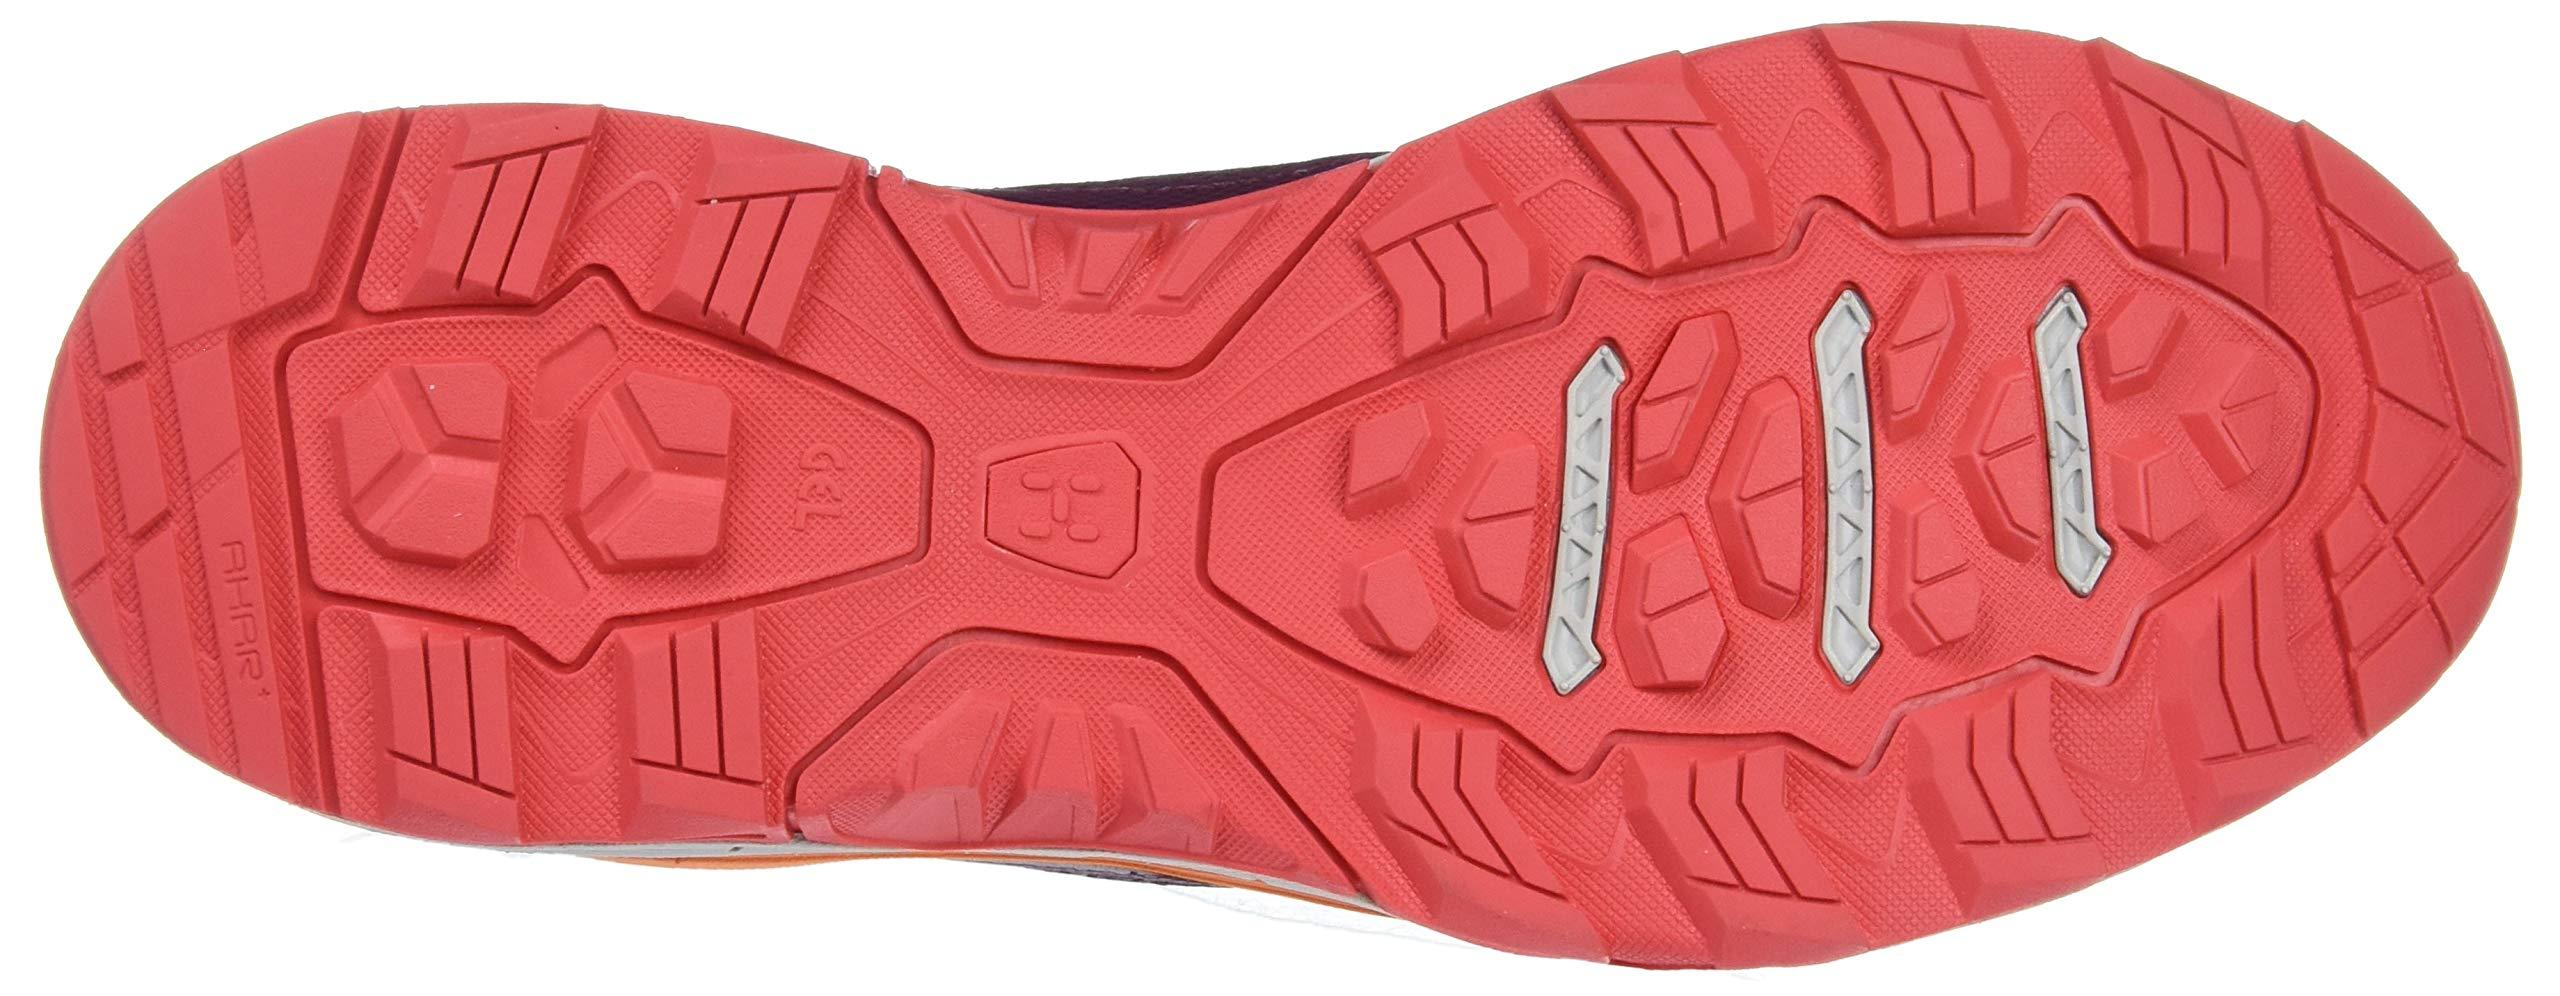 71vrBQcEVtL - Haglöfs 497660Footwear Trekking